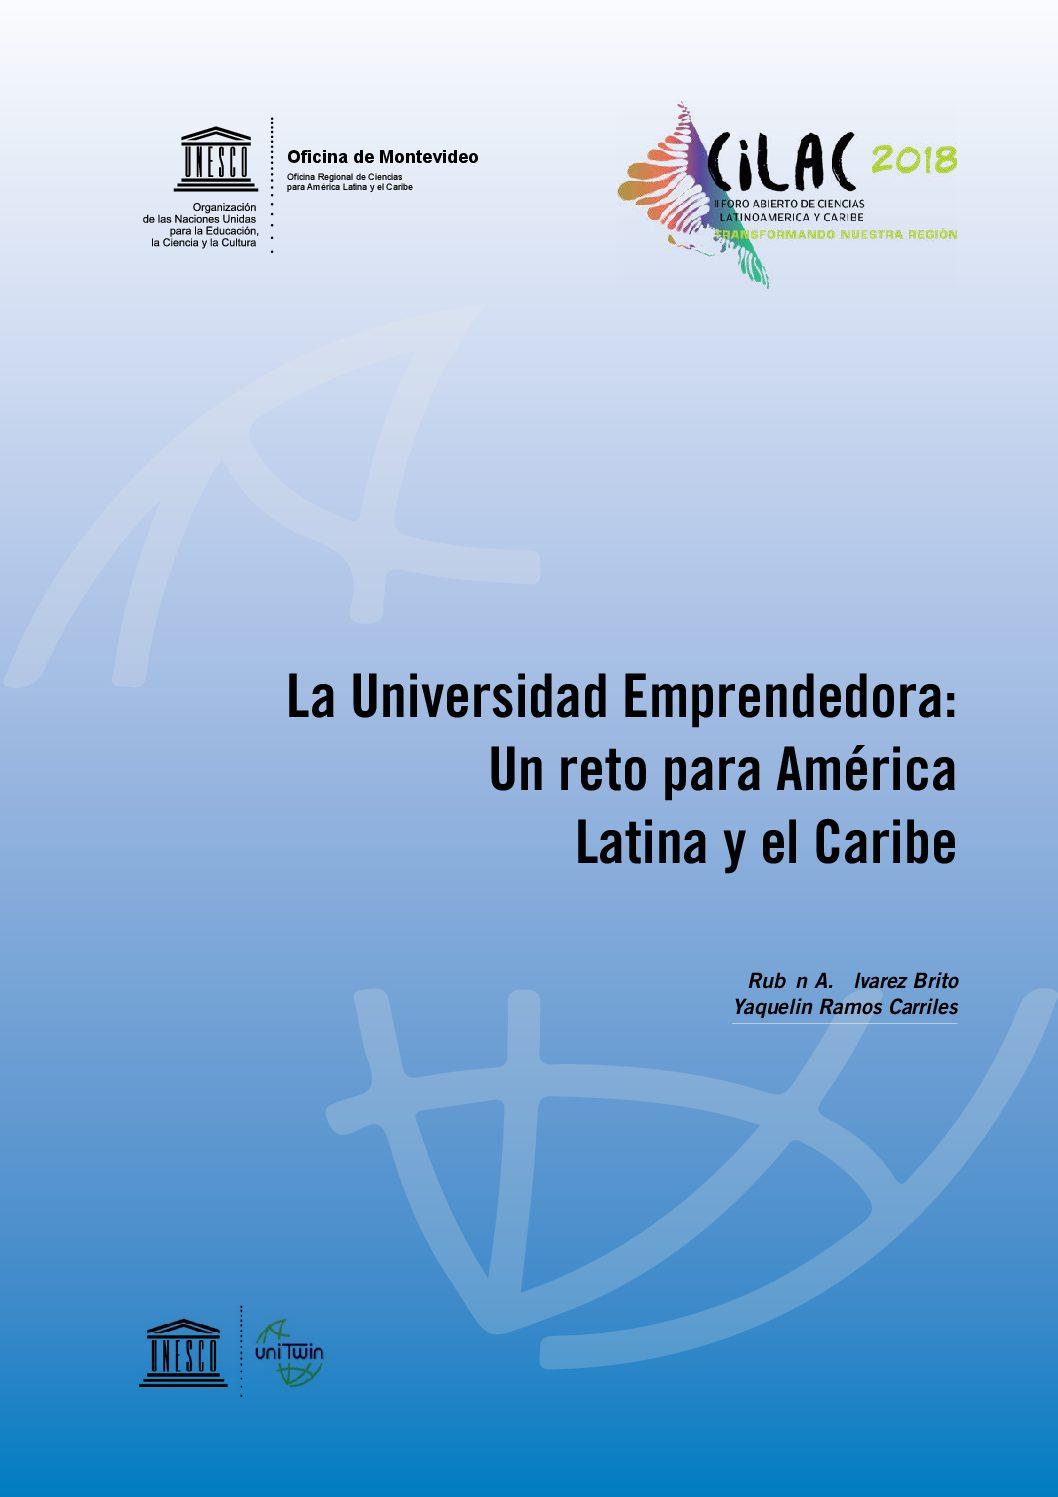 La Universidad Emprendedora: Un reto para América Latina y el Caribe